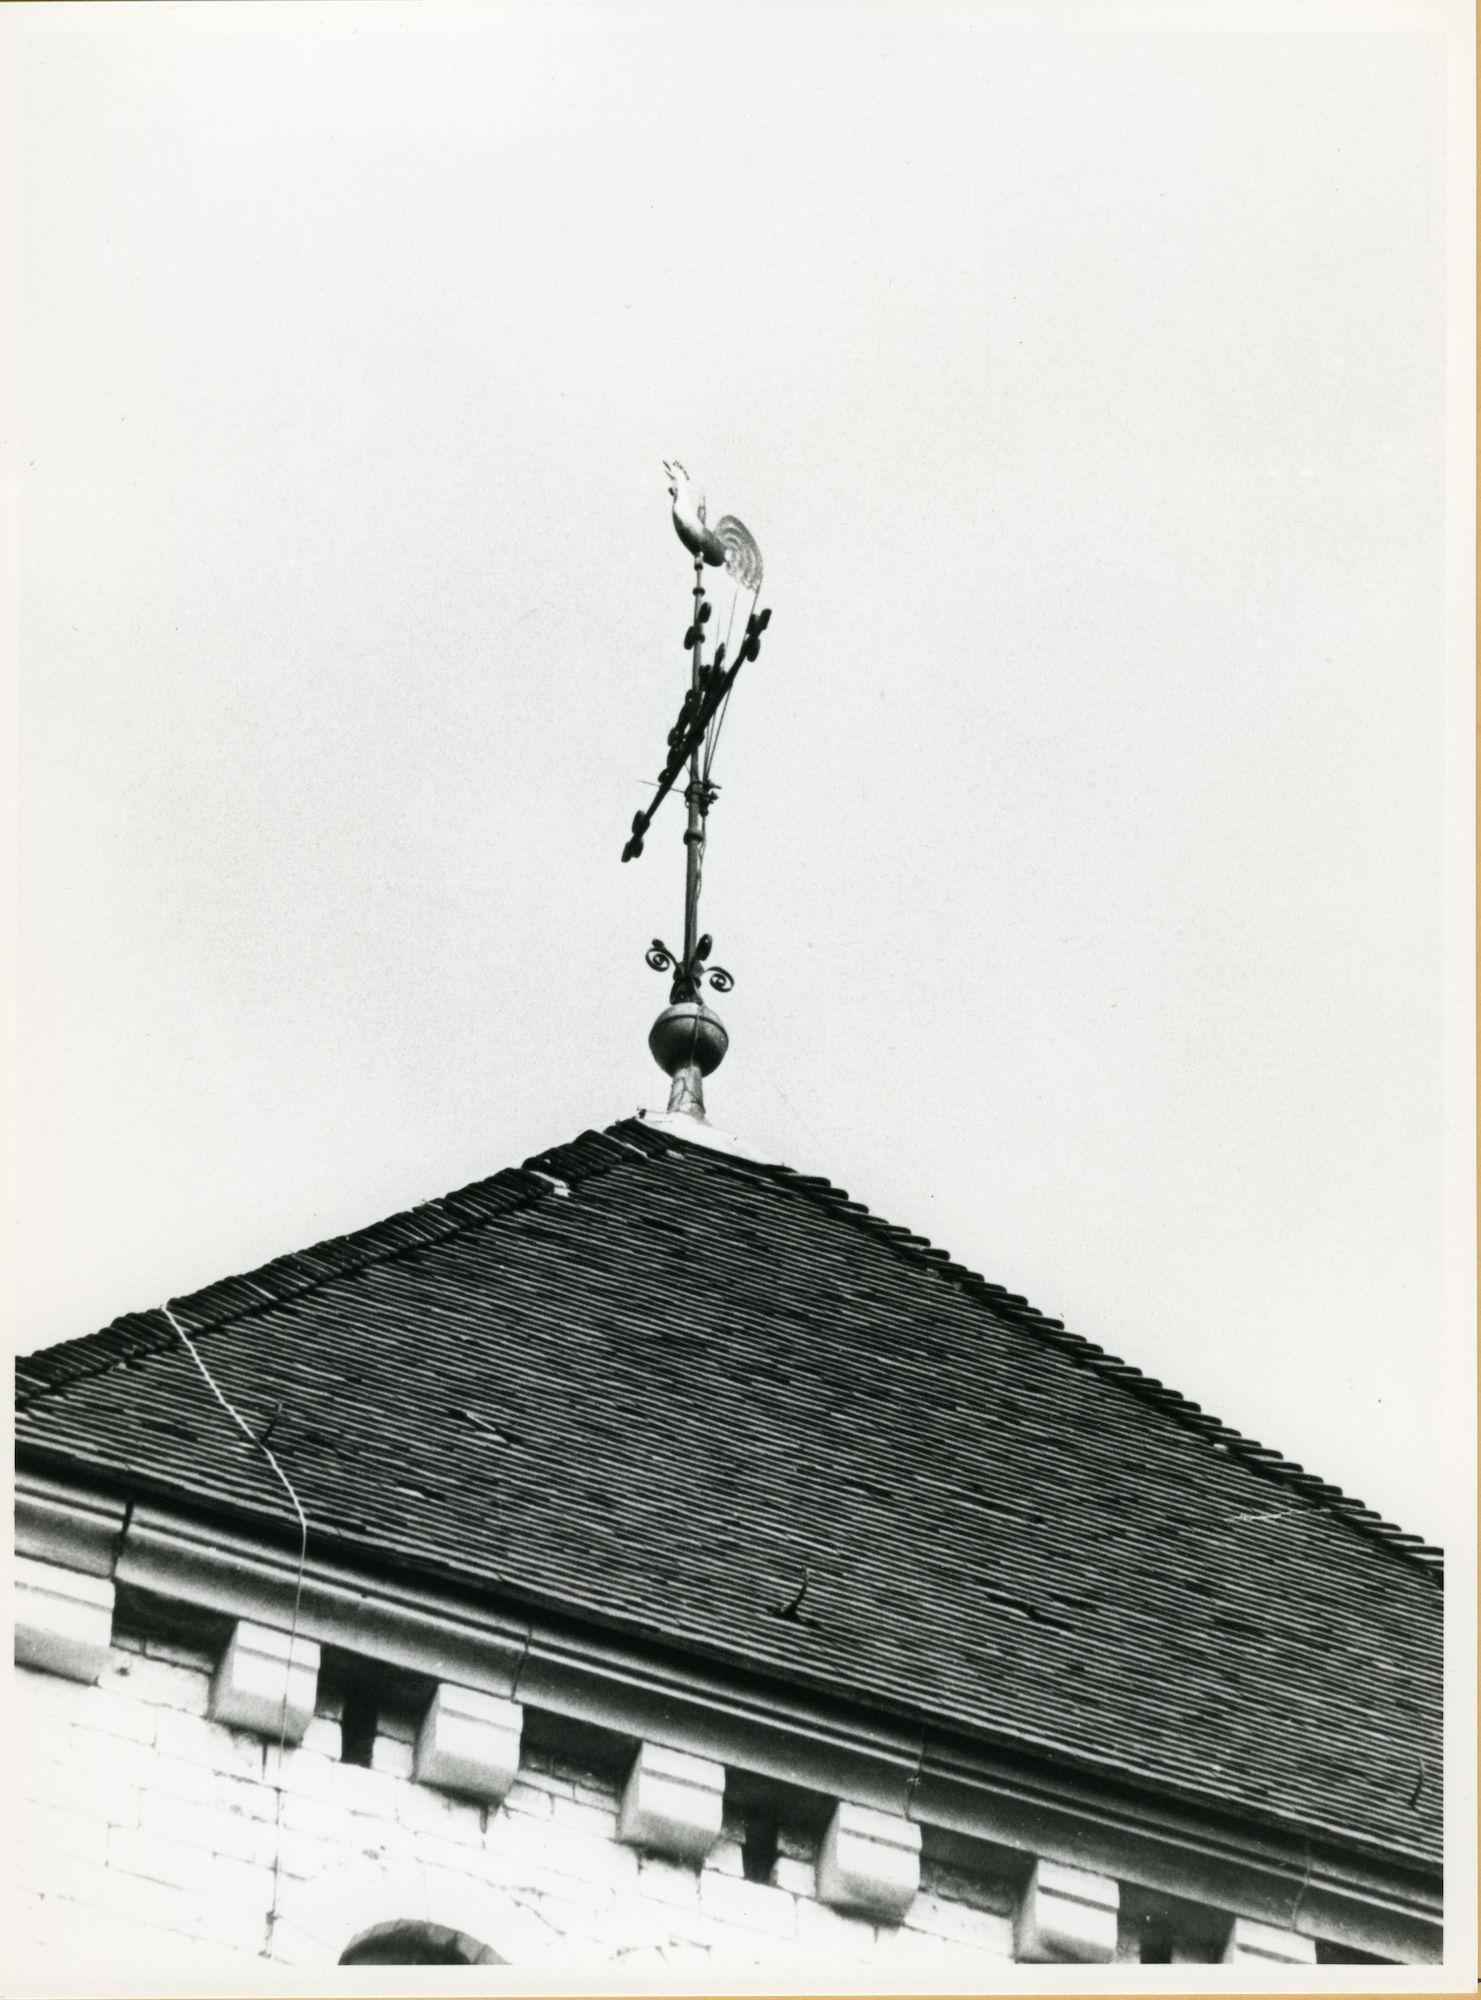 Gent: Smidsestraat: Windwijzer, 1979